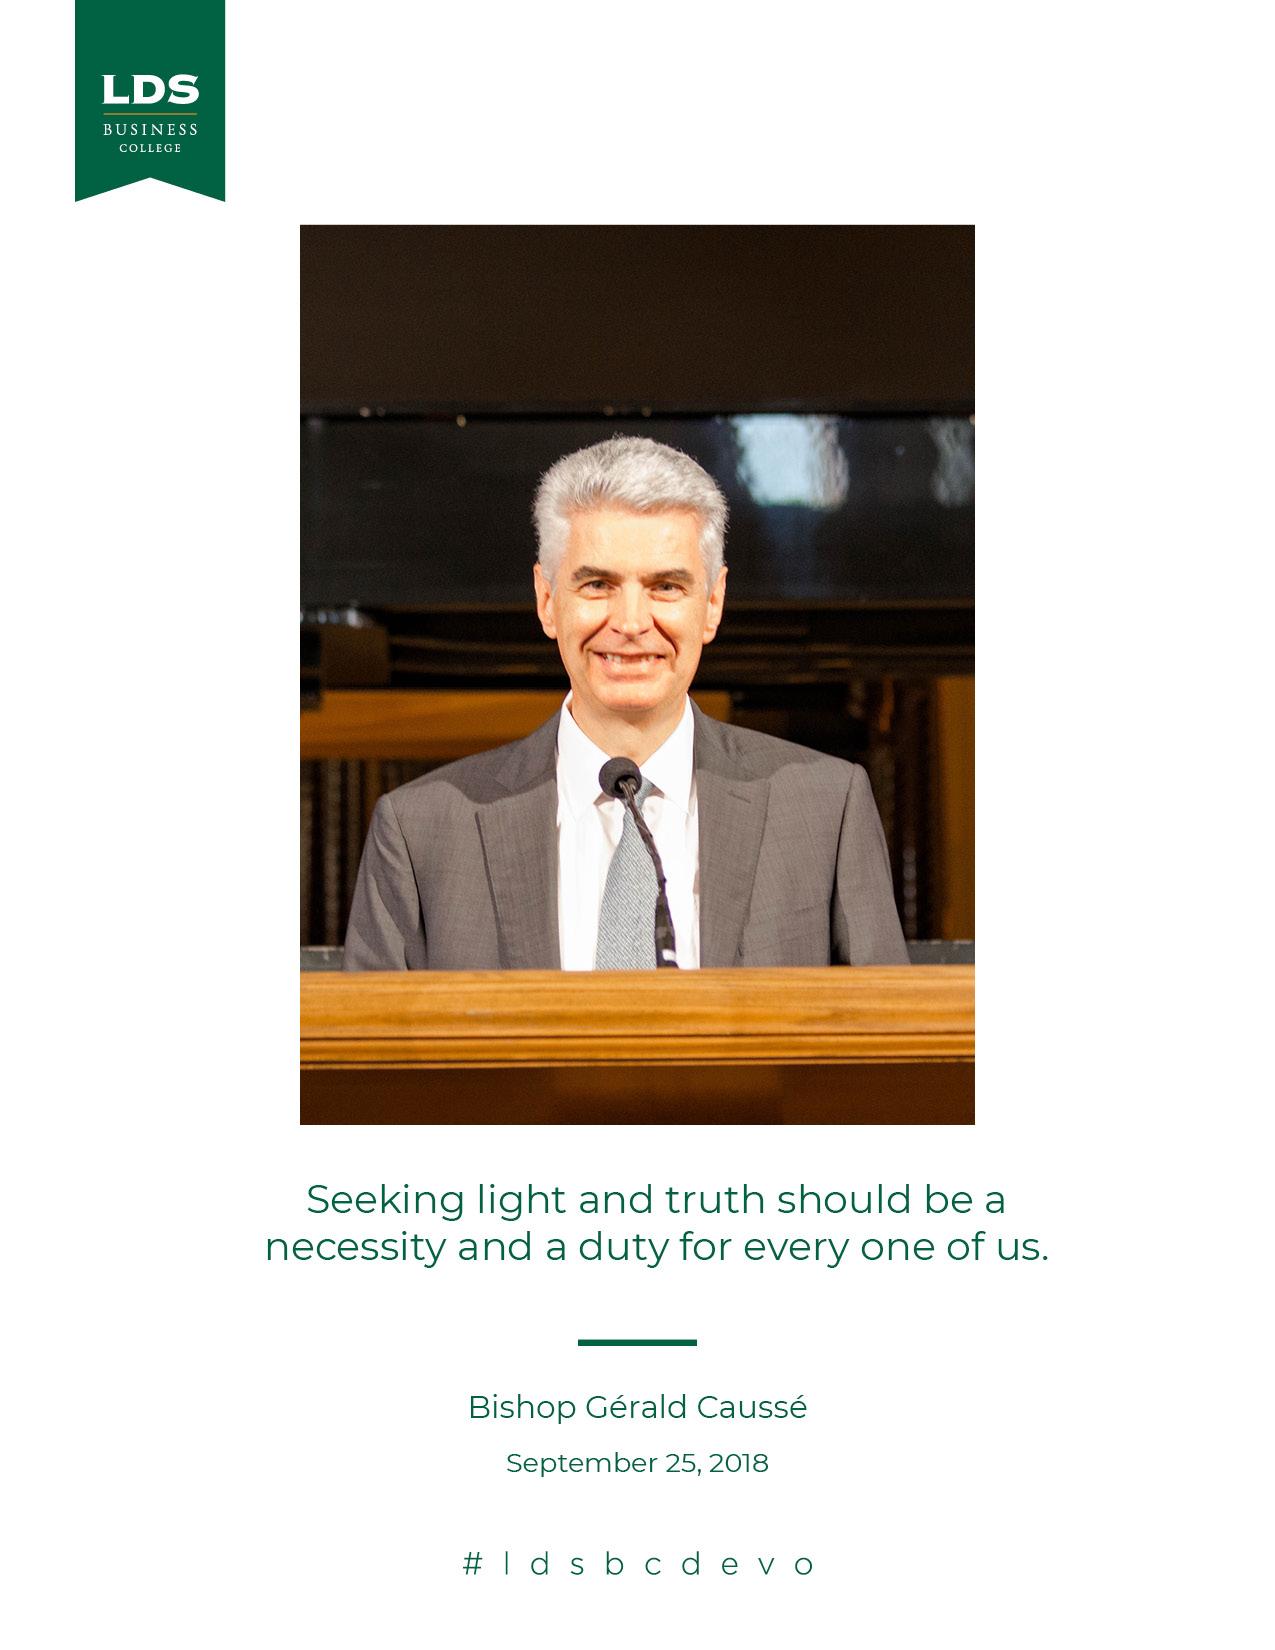 Bishop Causse Devotional Quote